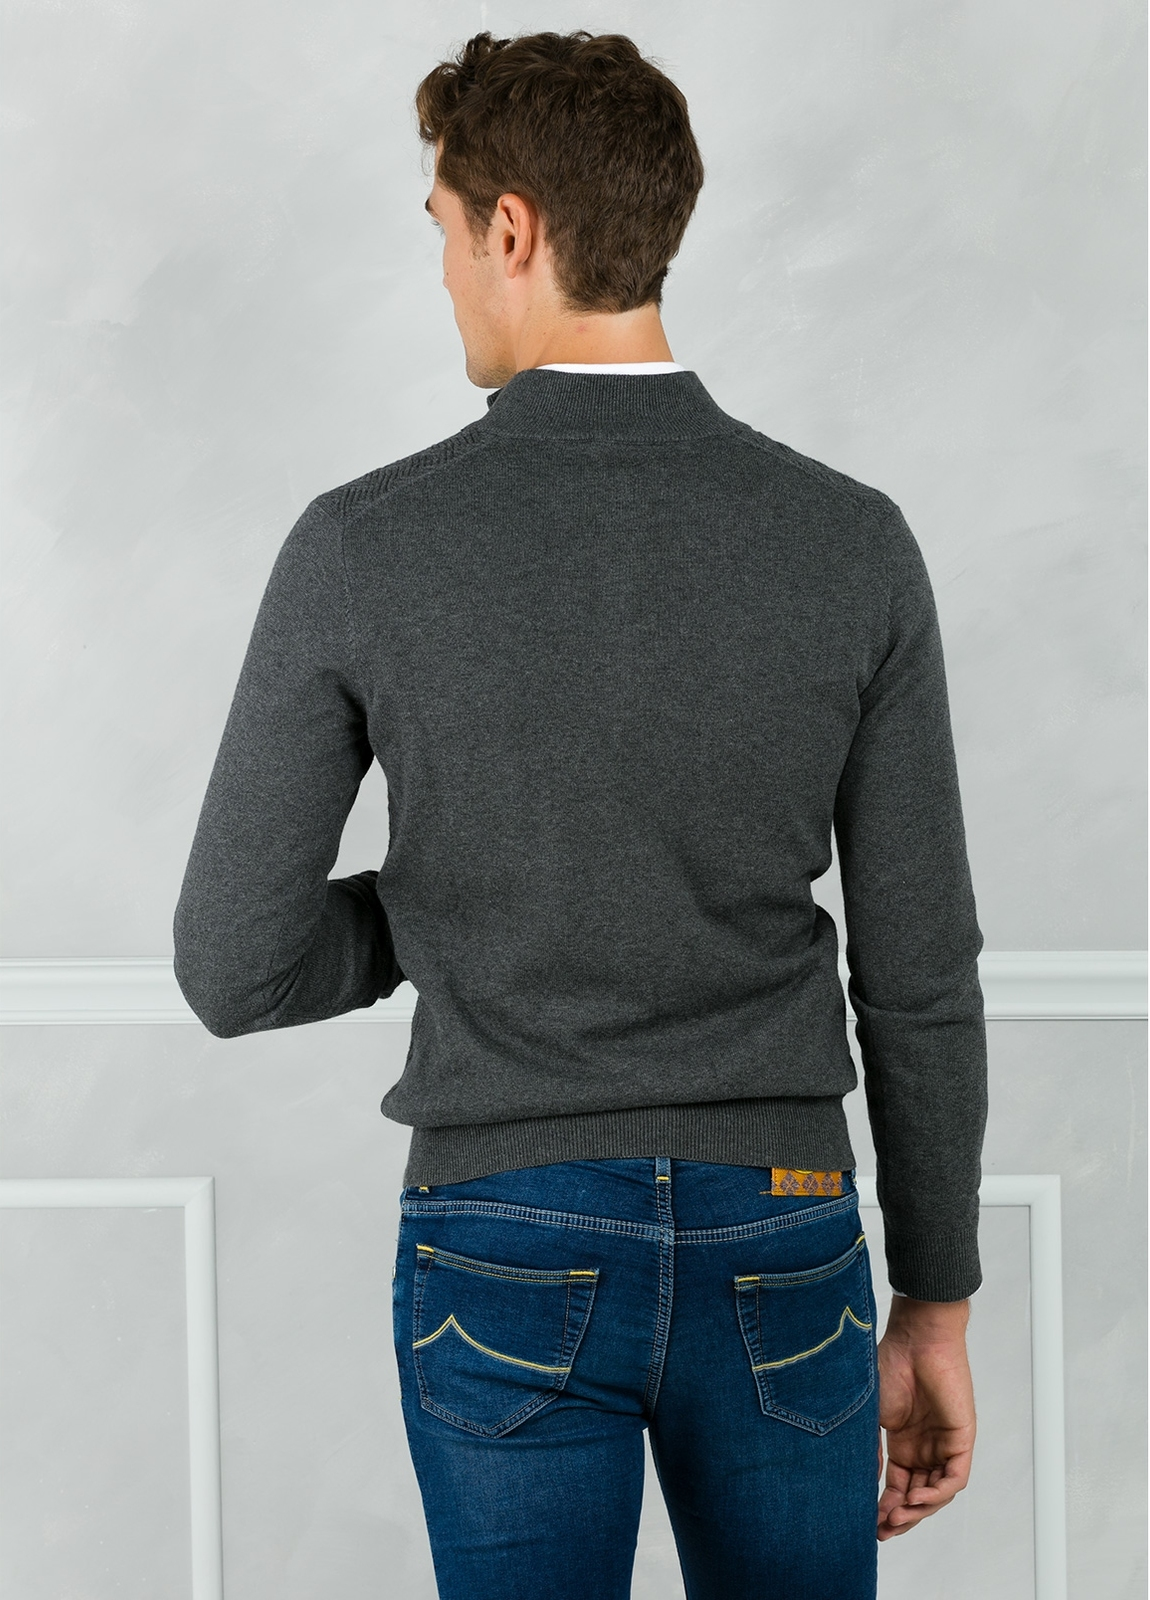 Jersey cuello zip con cremallera y dibujo frontal, color gris. 90% Algodón 10% Cashmere. - Ítem1